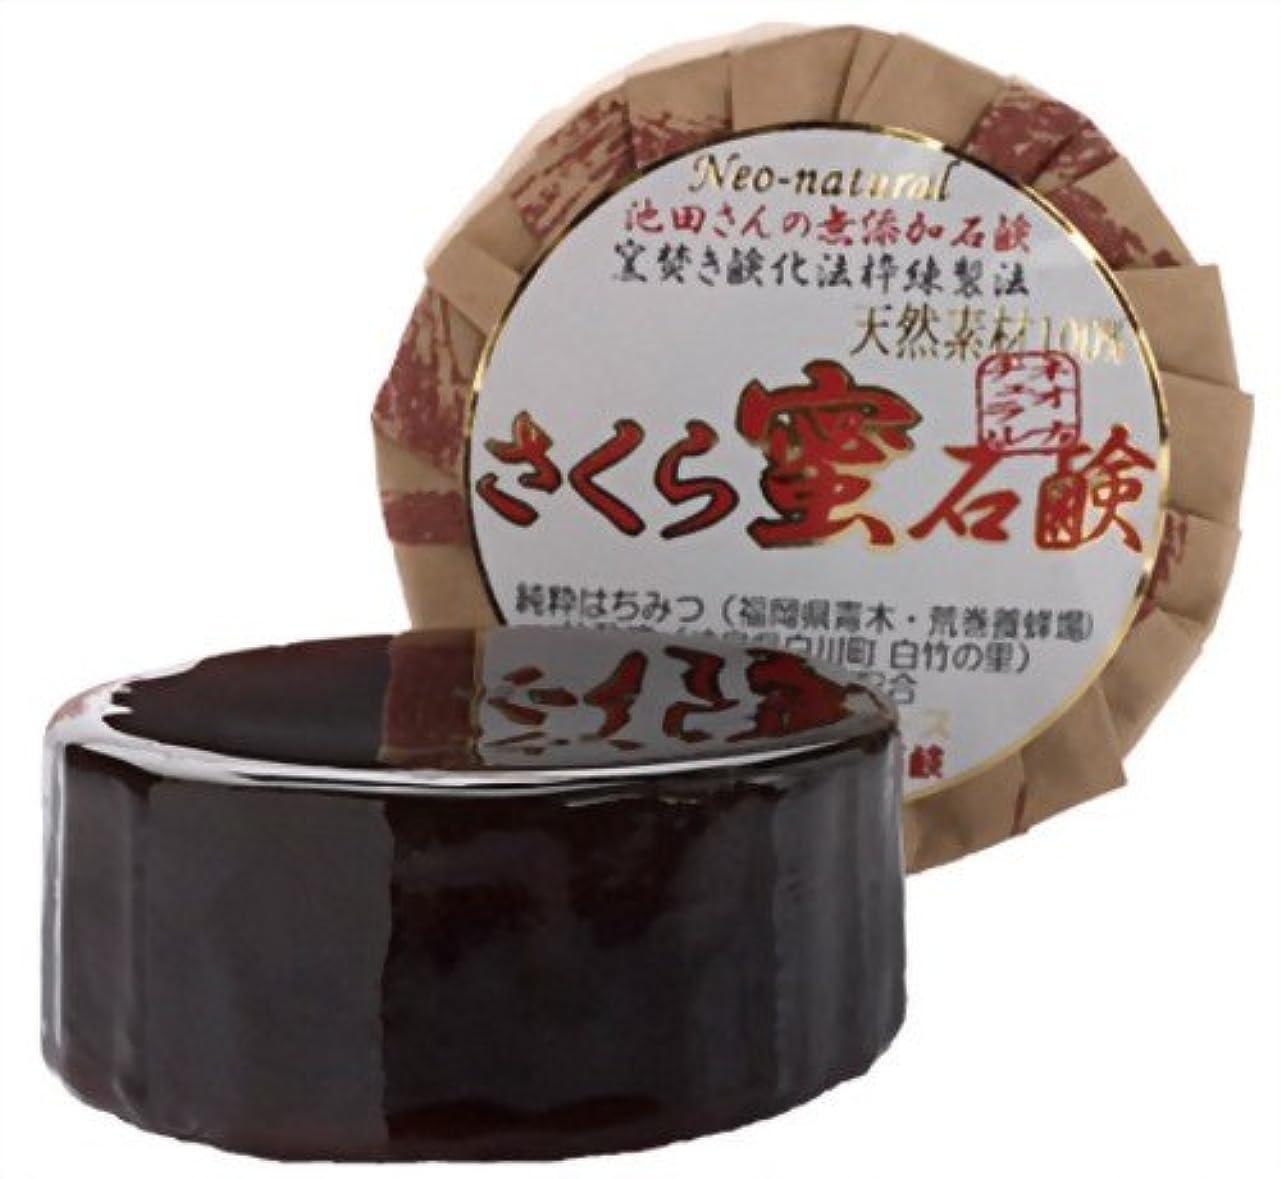 力学オーナー鳩ネオナチュラル 池田さんのさくら蜜石鹸 105g